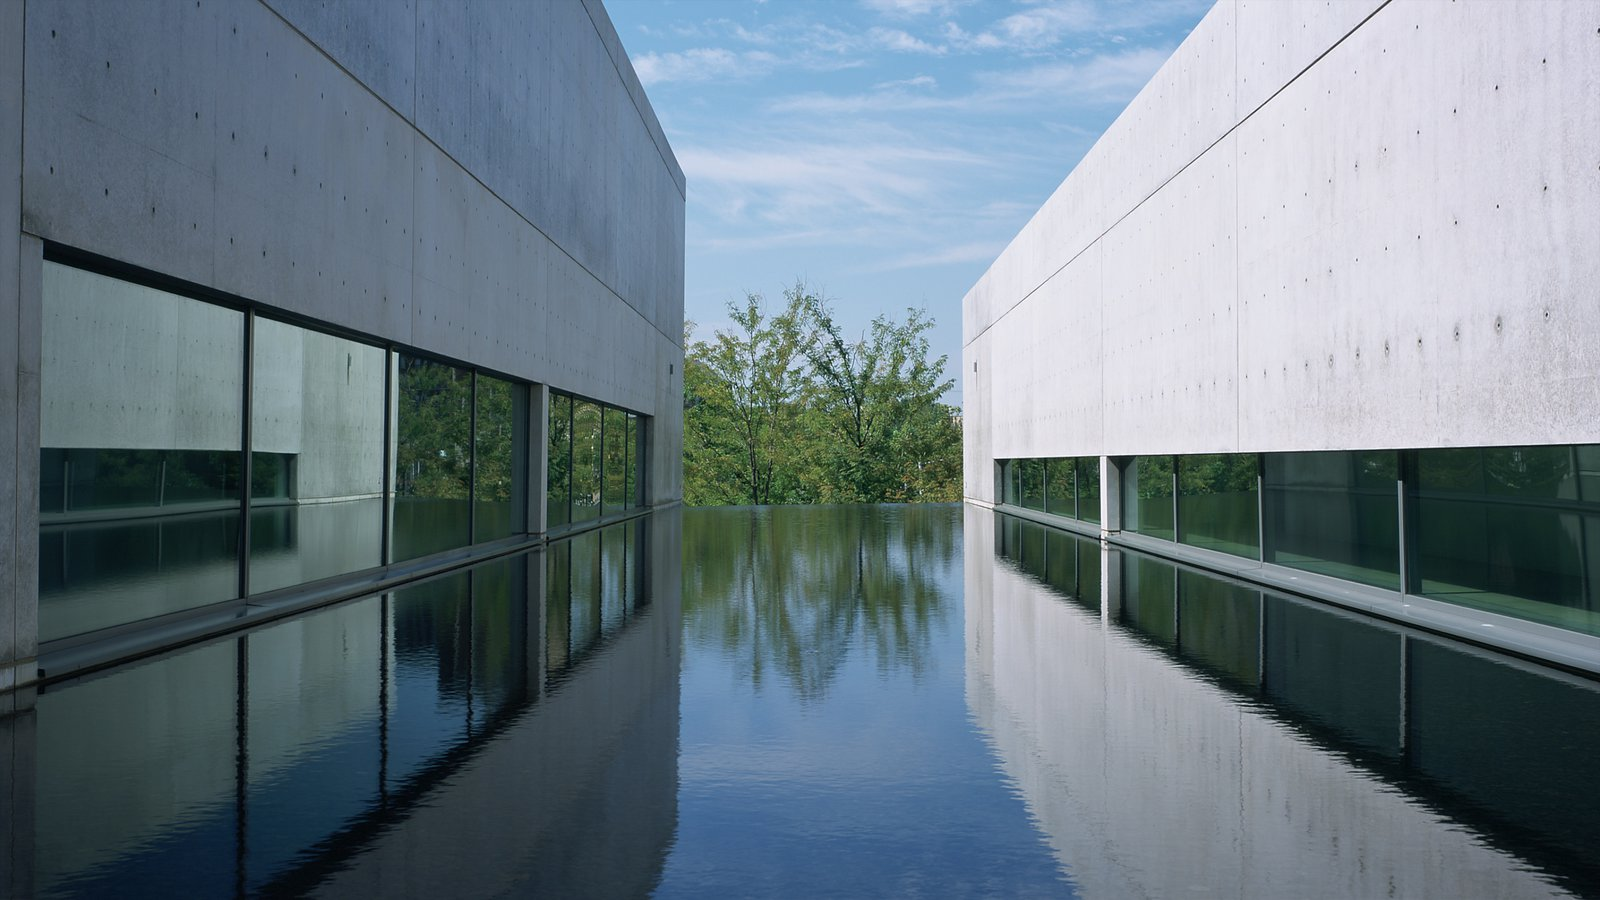 Pulitzer Foundation for the Arts que inclui arquitetura moderna e uma piscina